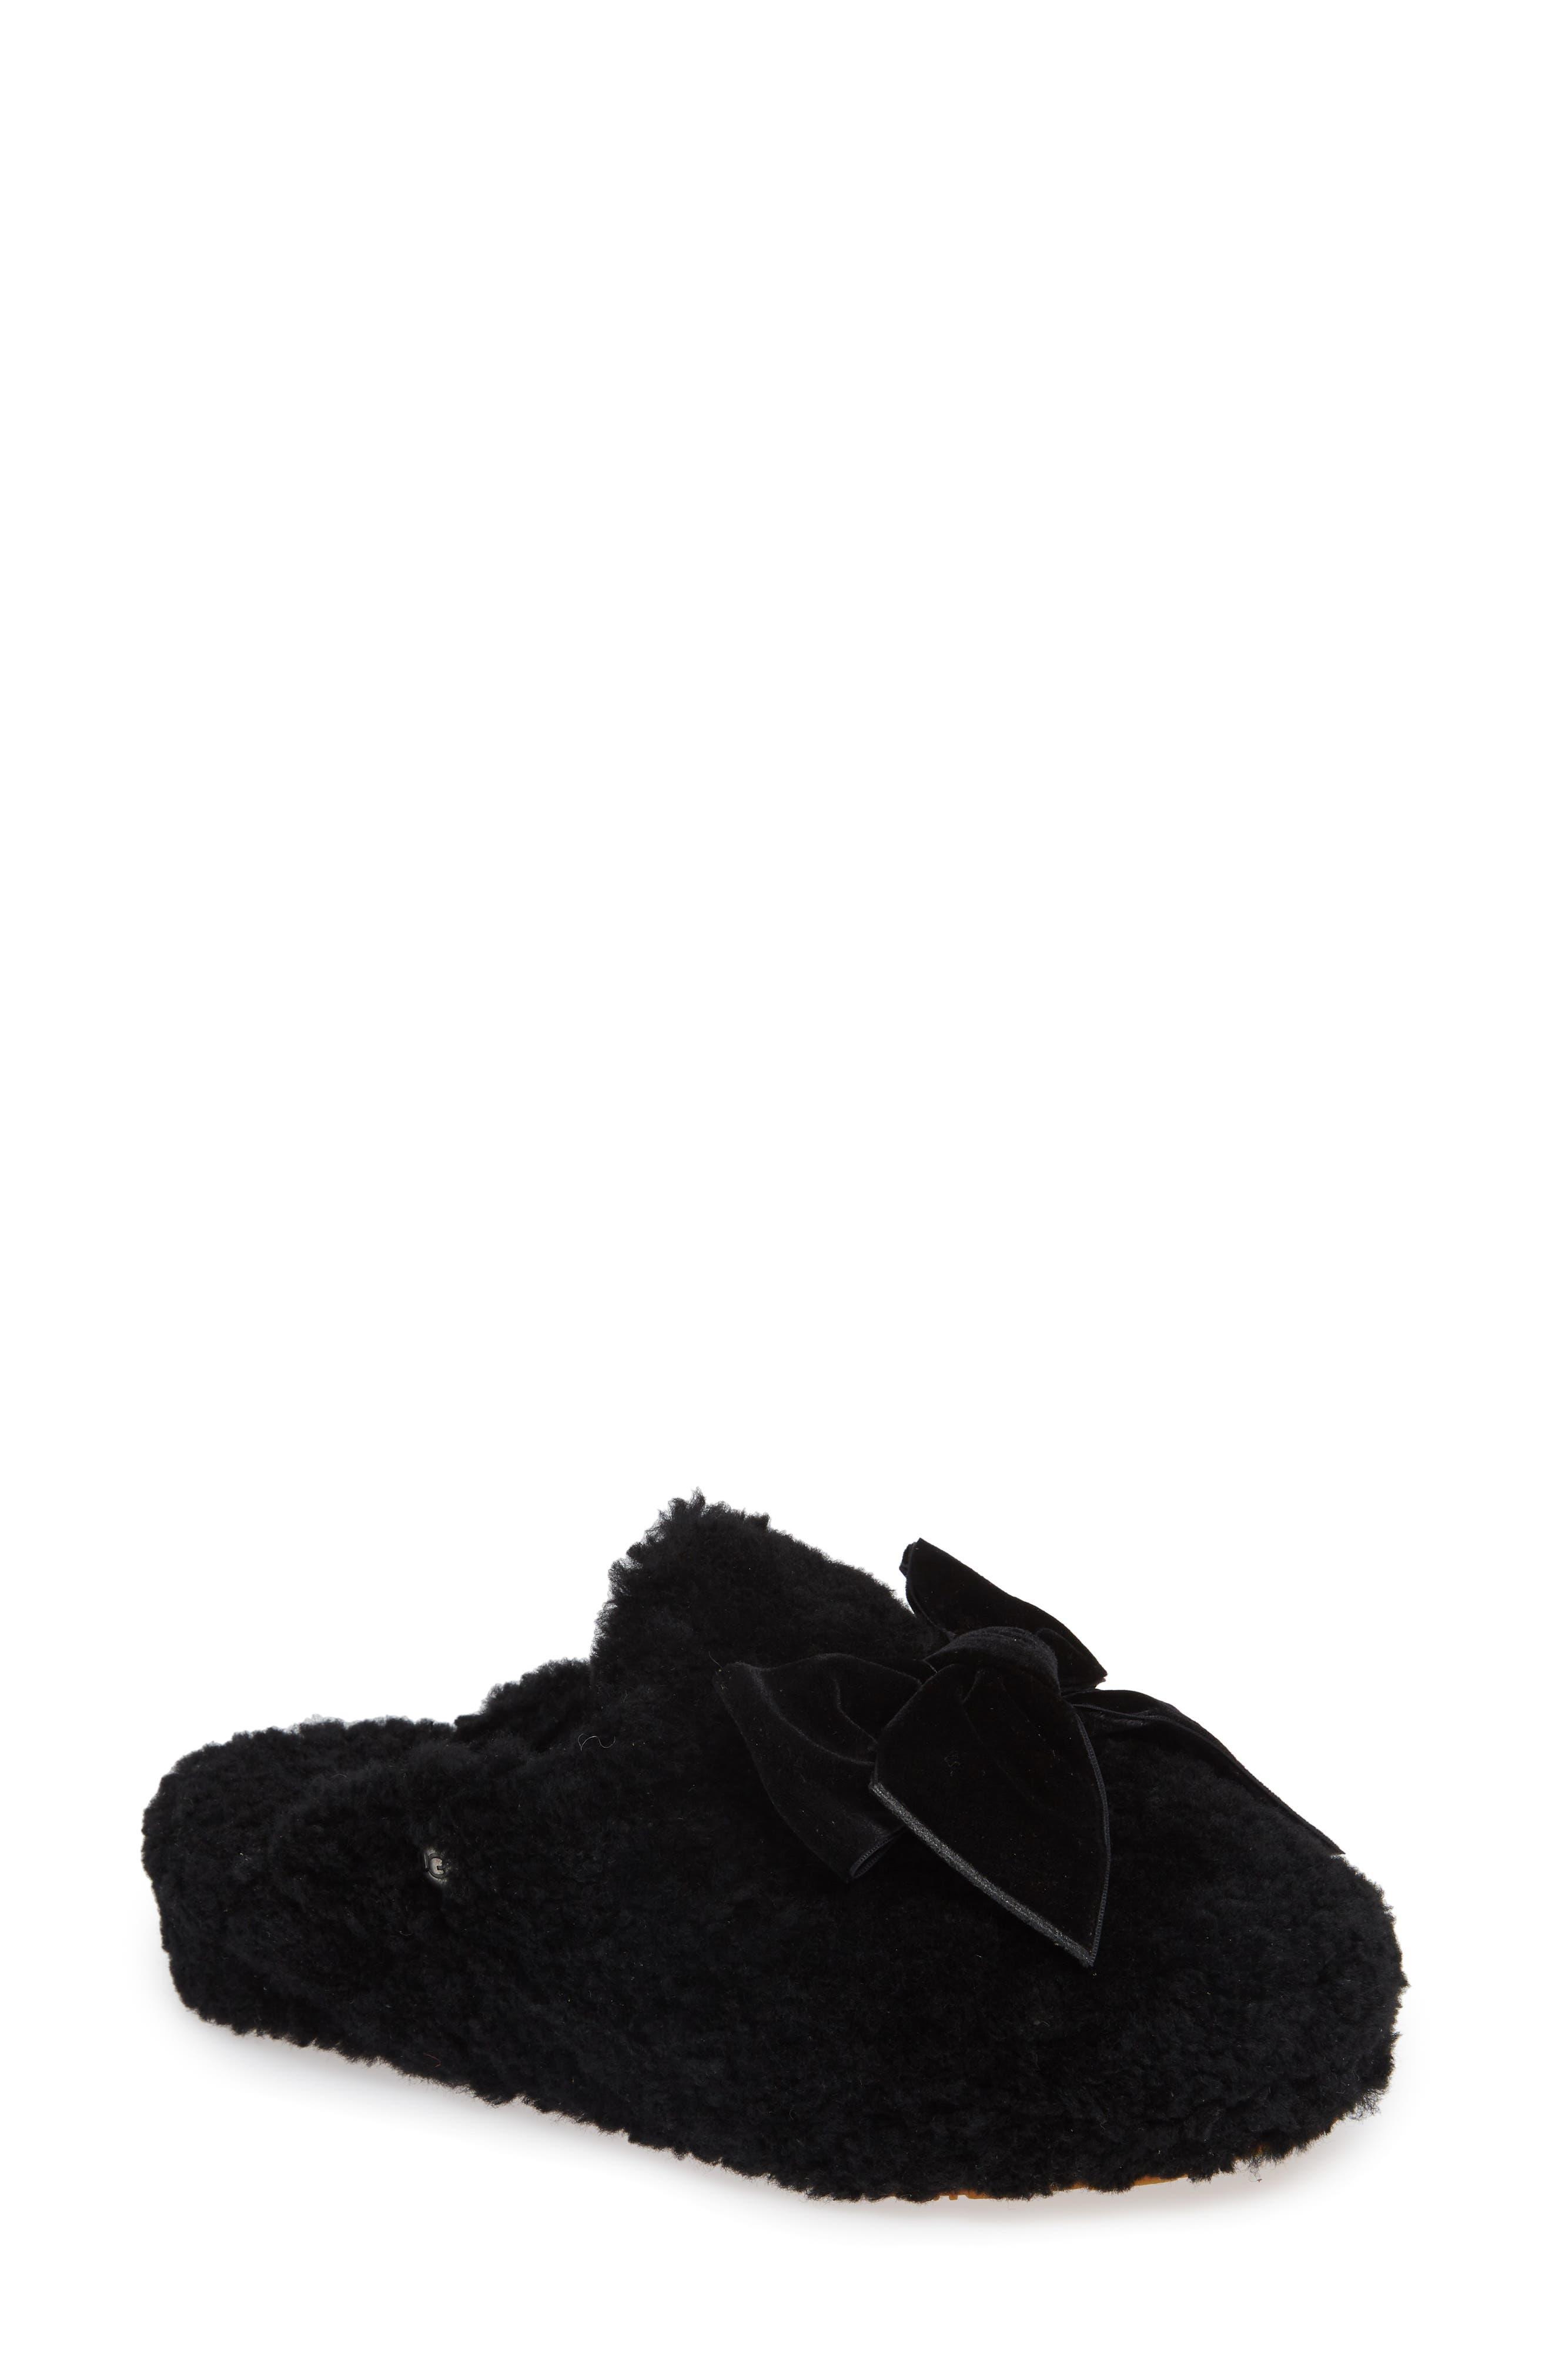 Addison Velvet-Bow Curly Sheepskin Slippers in Black